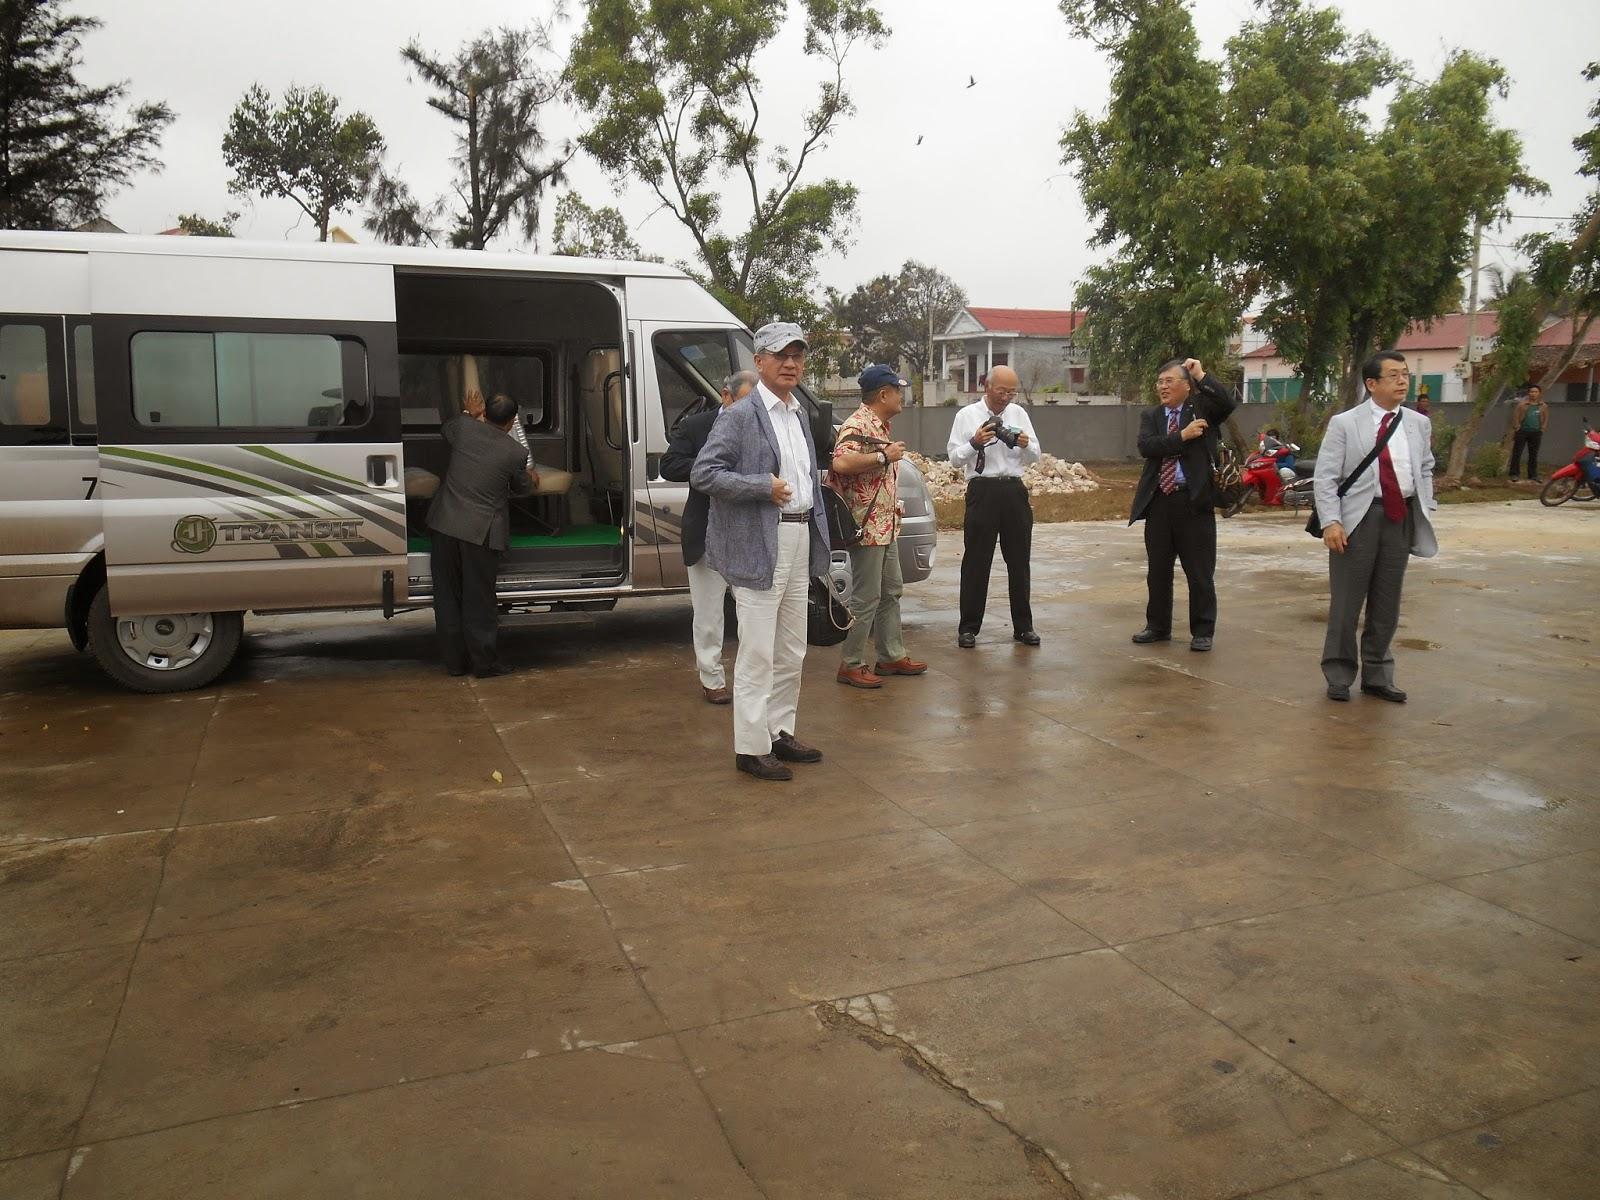 Lễ trao tặng gạo cho các cụ ở xã Bảo Ninh nhân dịp 8/3 giữa CLB Sachi Rotary Nhật Bản và Quỹ Nhân Ái Người cao tuổi chi nhánh Quảng Bình